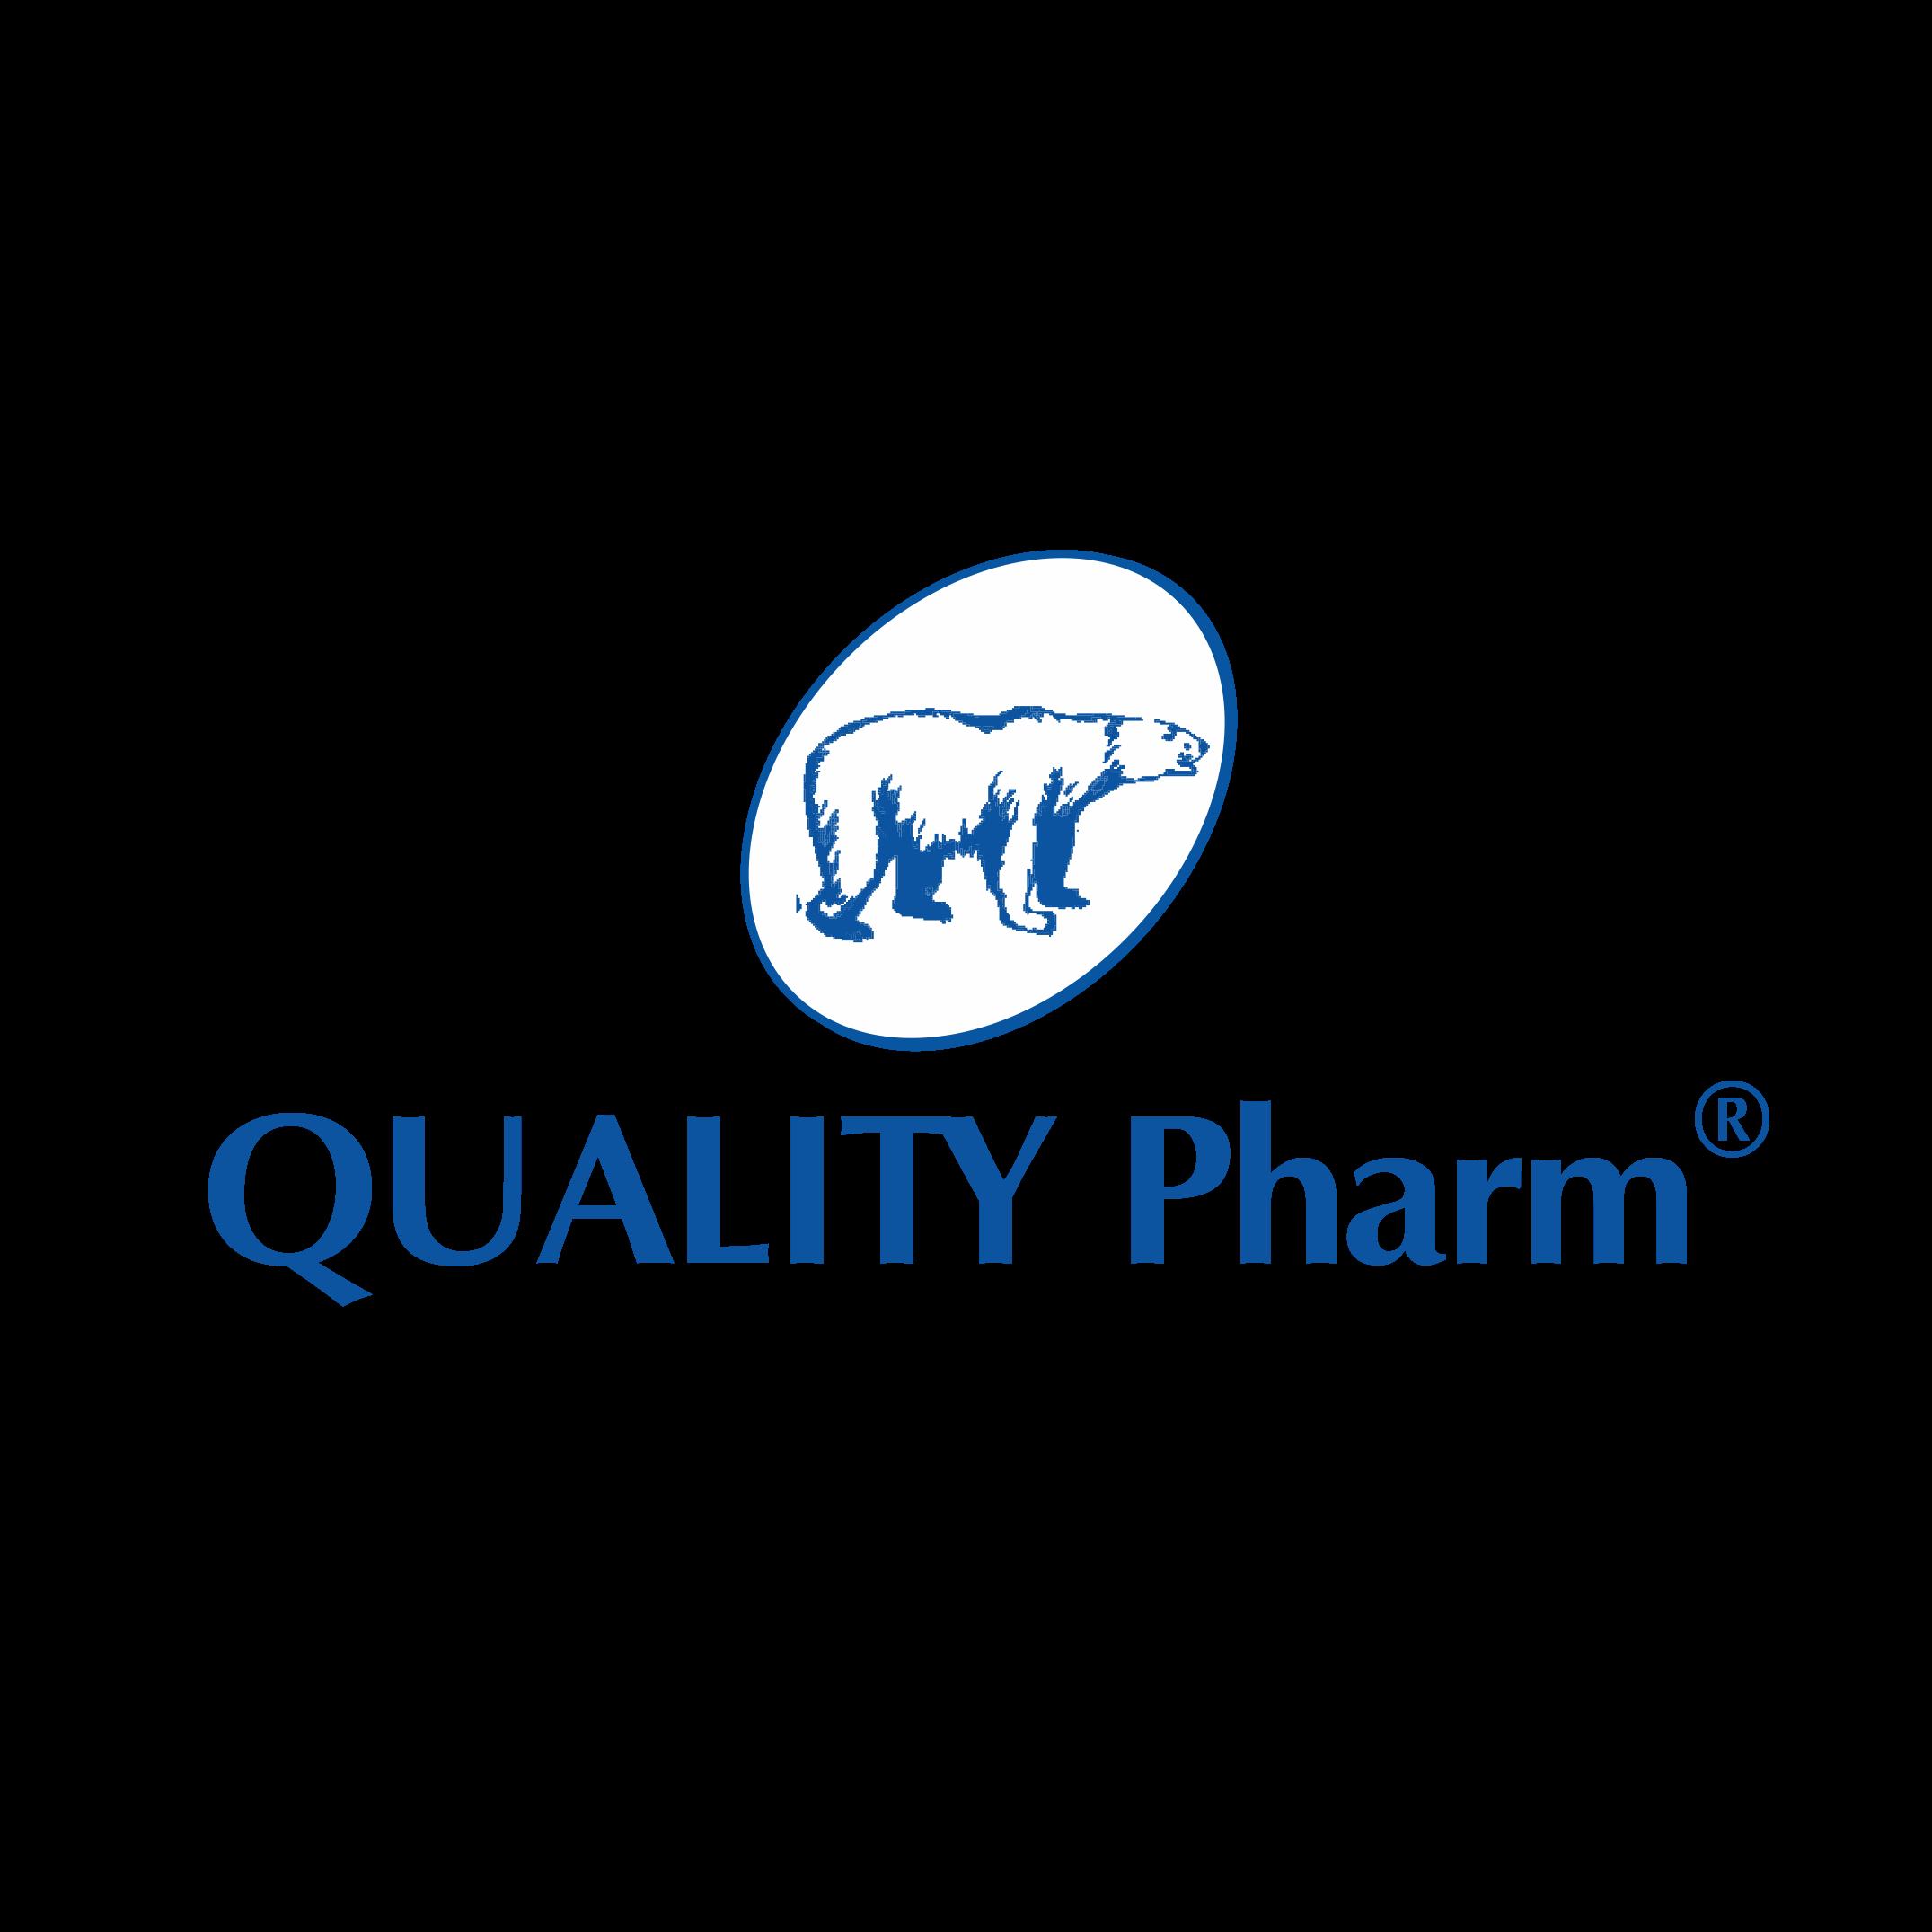 QUALITY PHARM